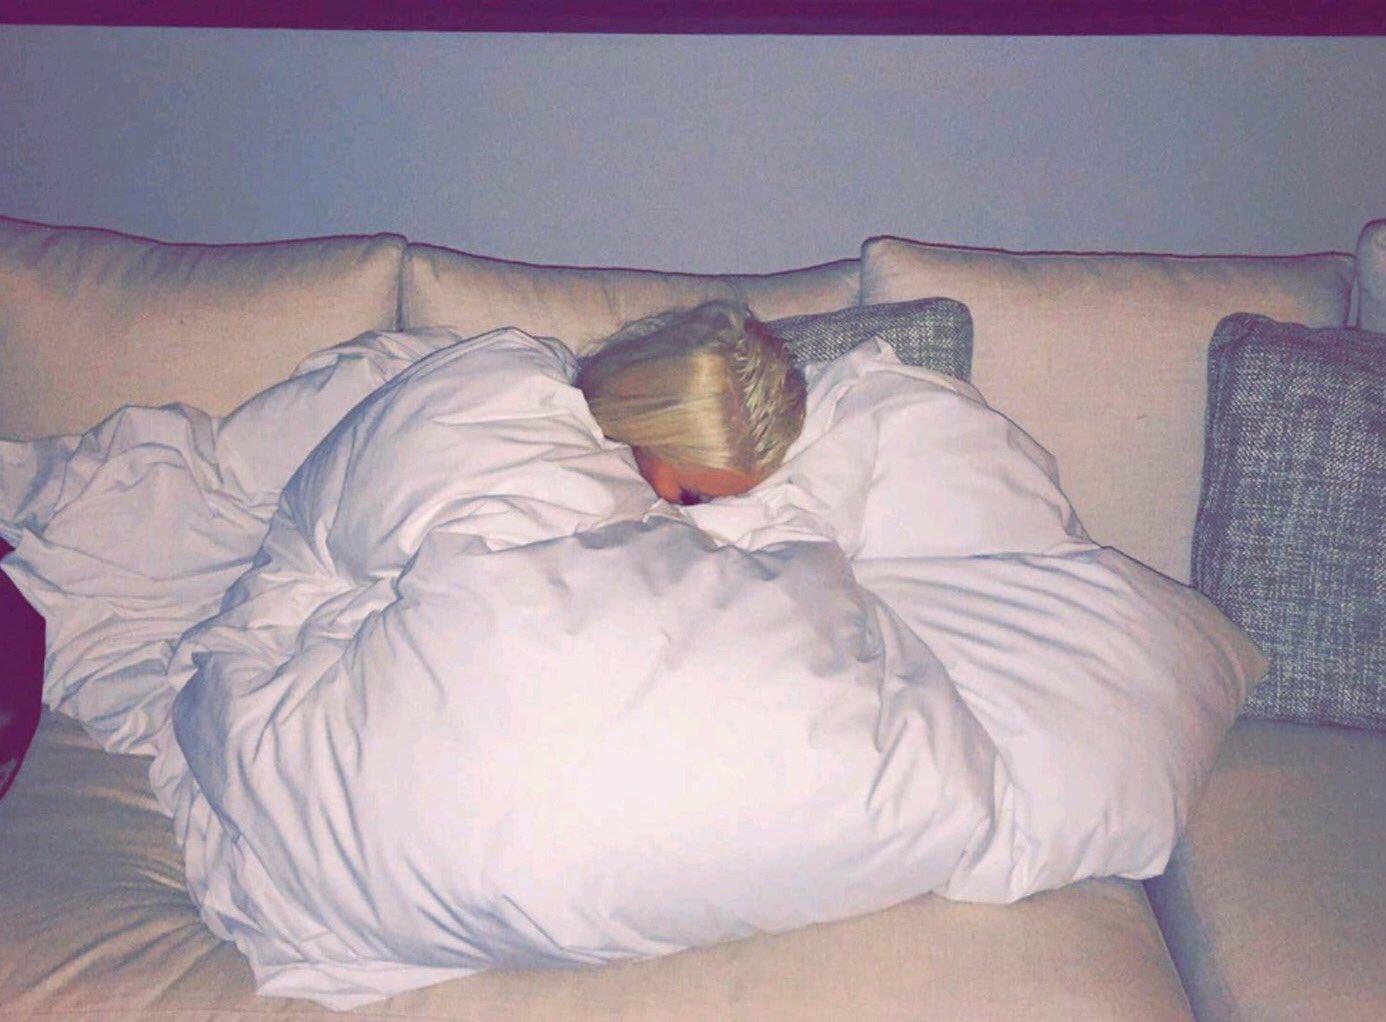 Christina Aguilera - Página 11 Cjg3LNJVEAEJ8Vs